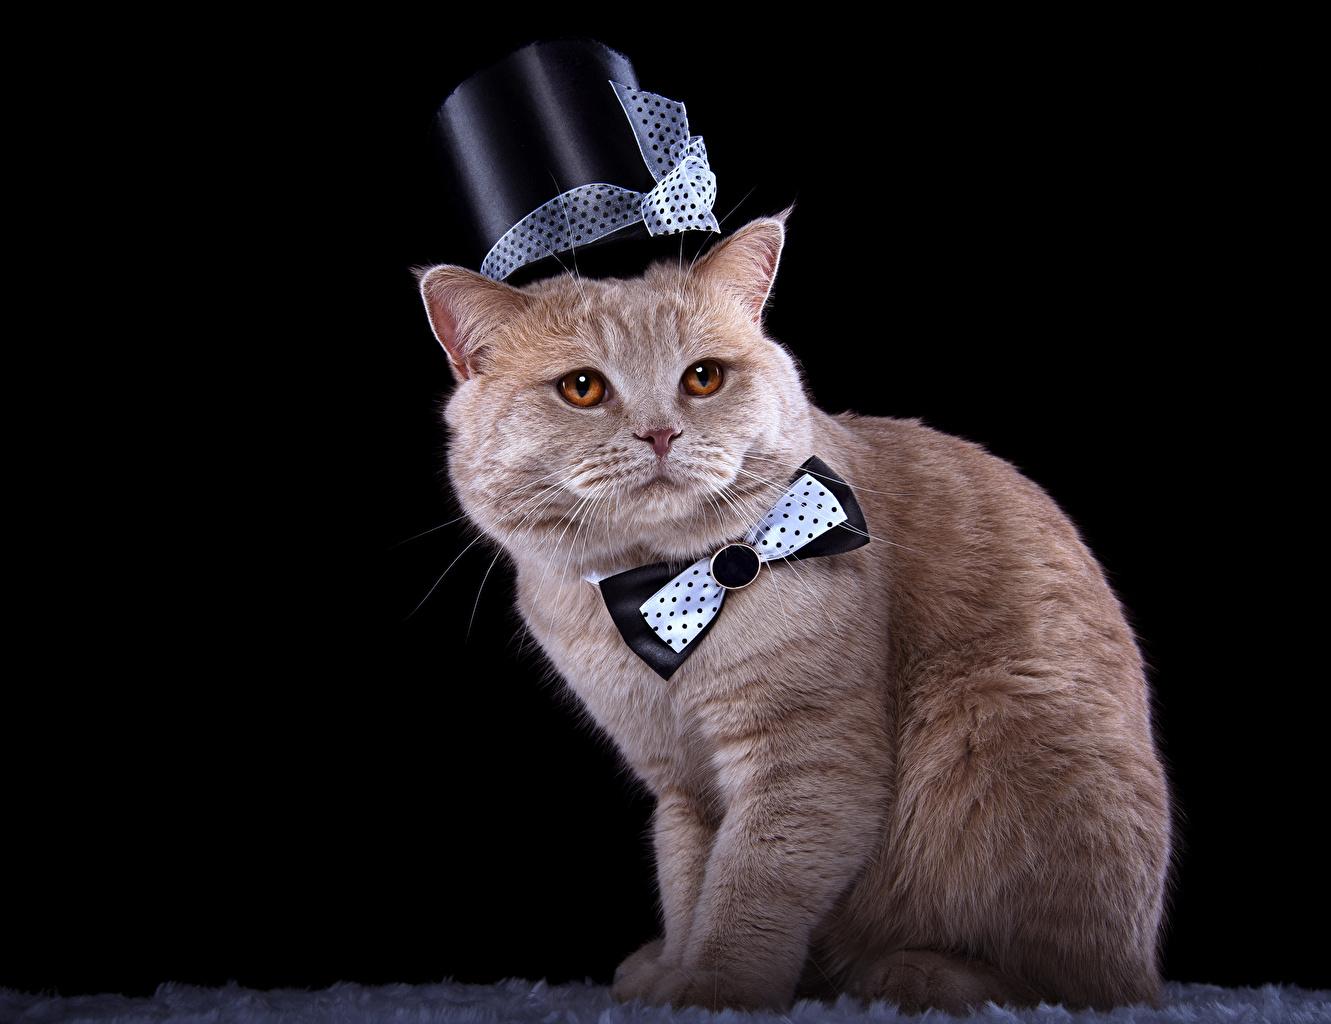 Картинка кошка Шляпа Галстук-бабочка смотрит животное на черном фоне кот коты Кошки шляпе шляпы Взгляд смотрят Животные Черный фон